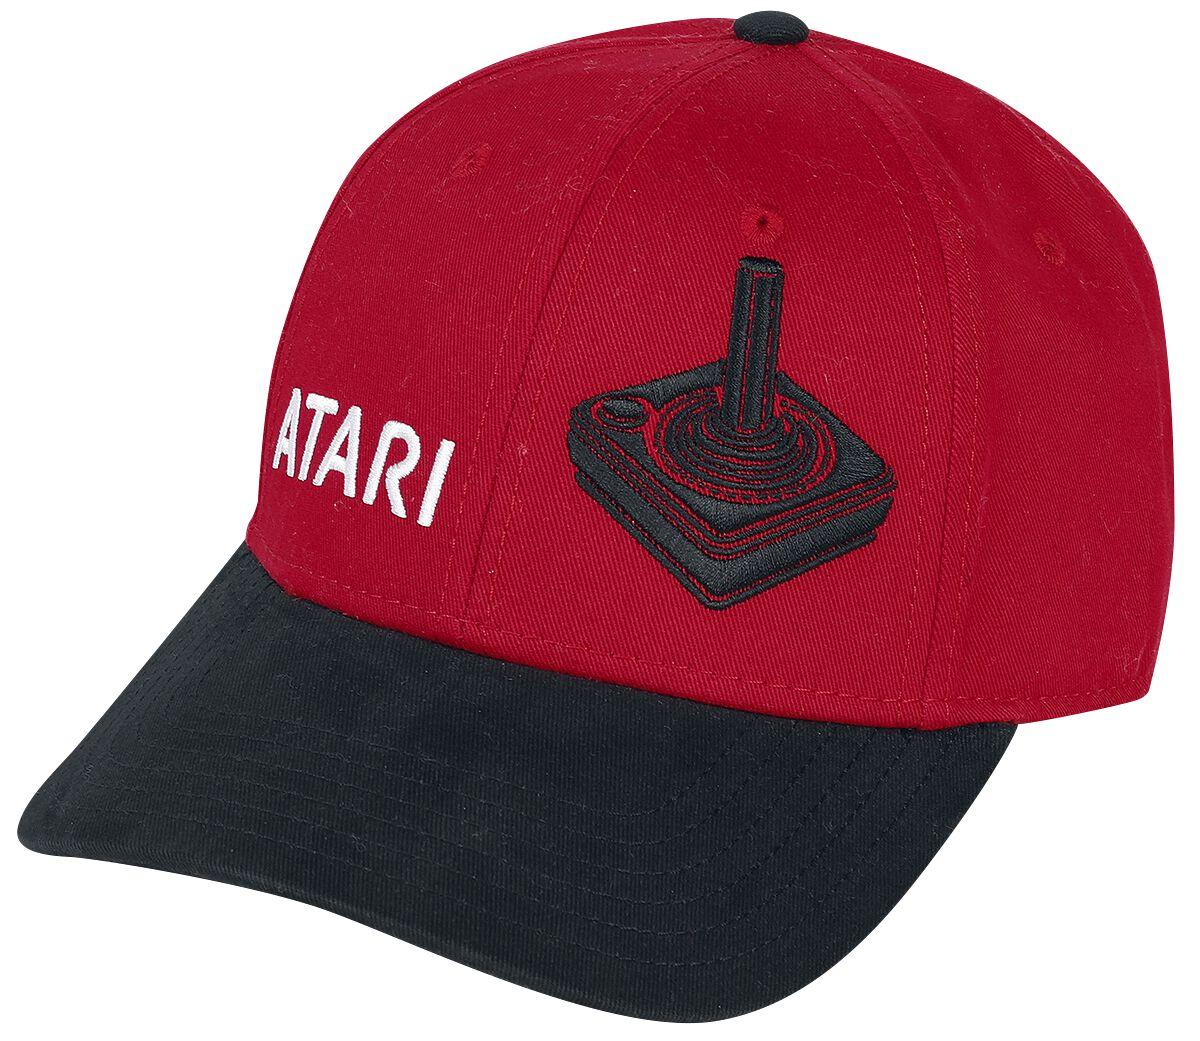 Image of Atari Joystick Cappellino da baseball rosso/nero